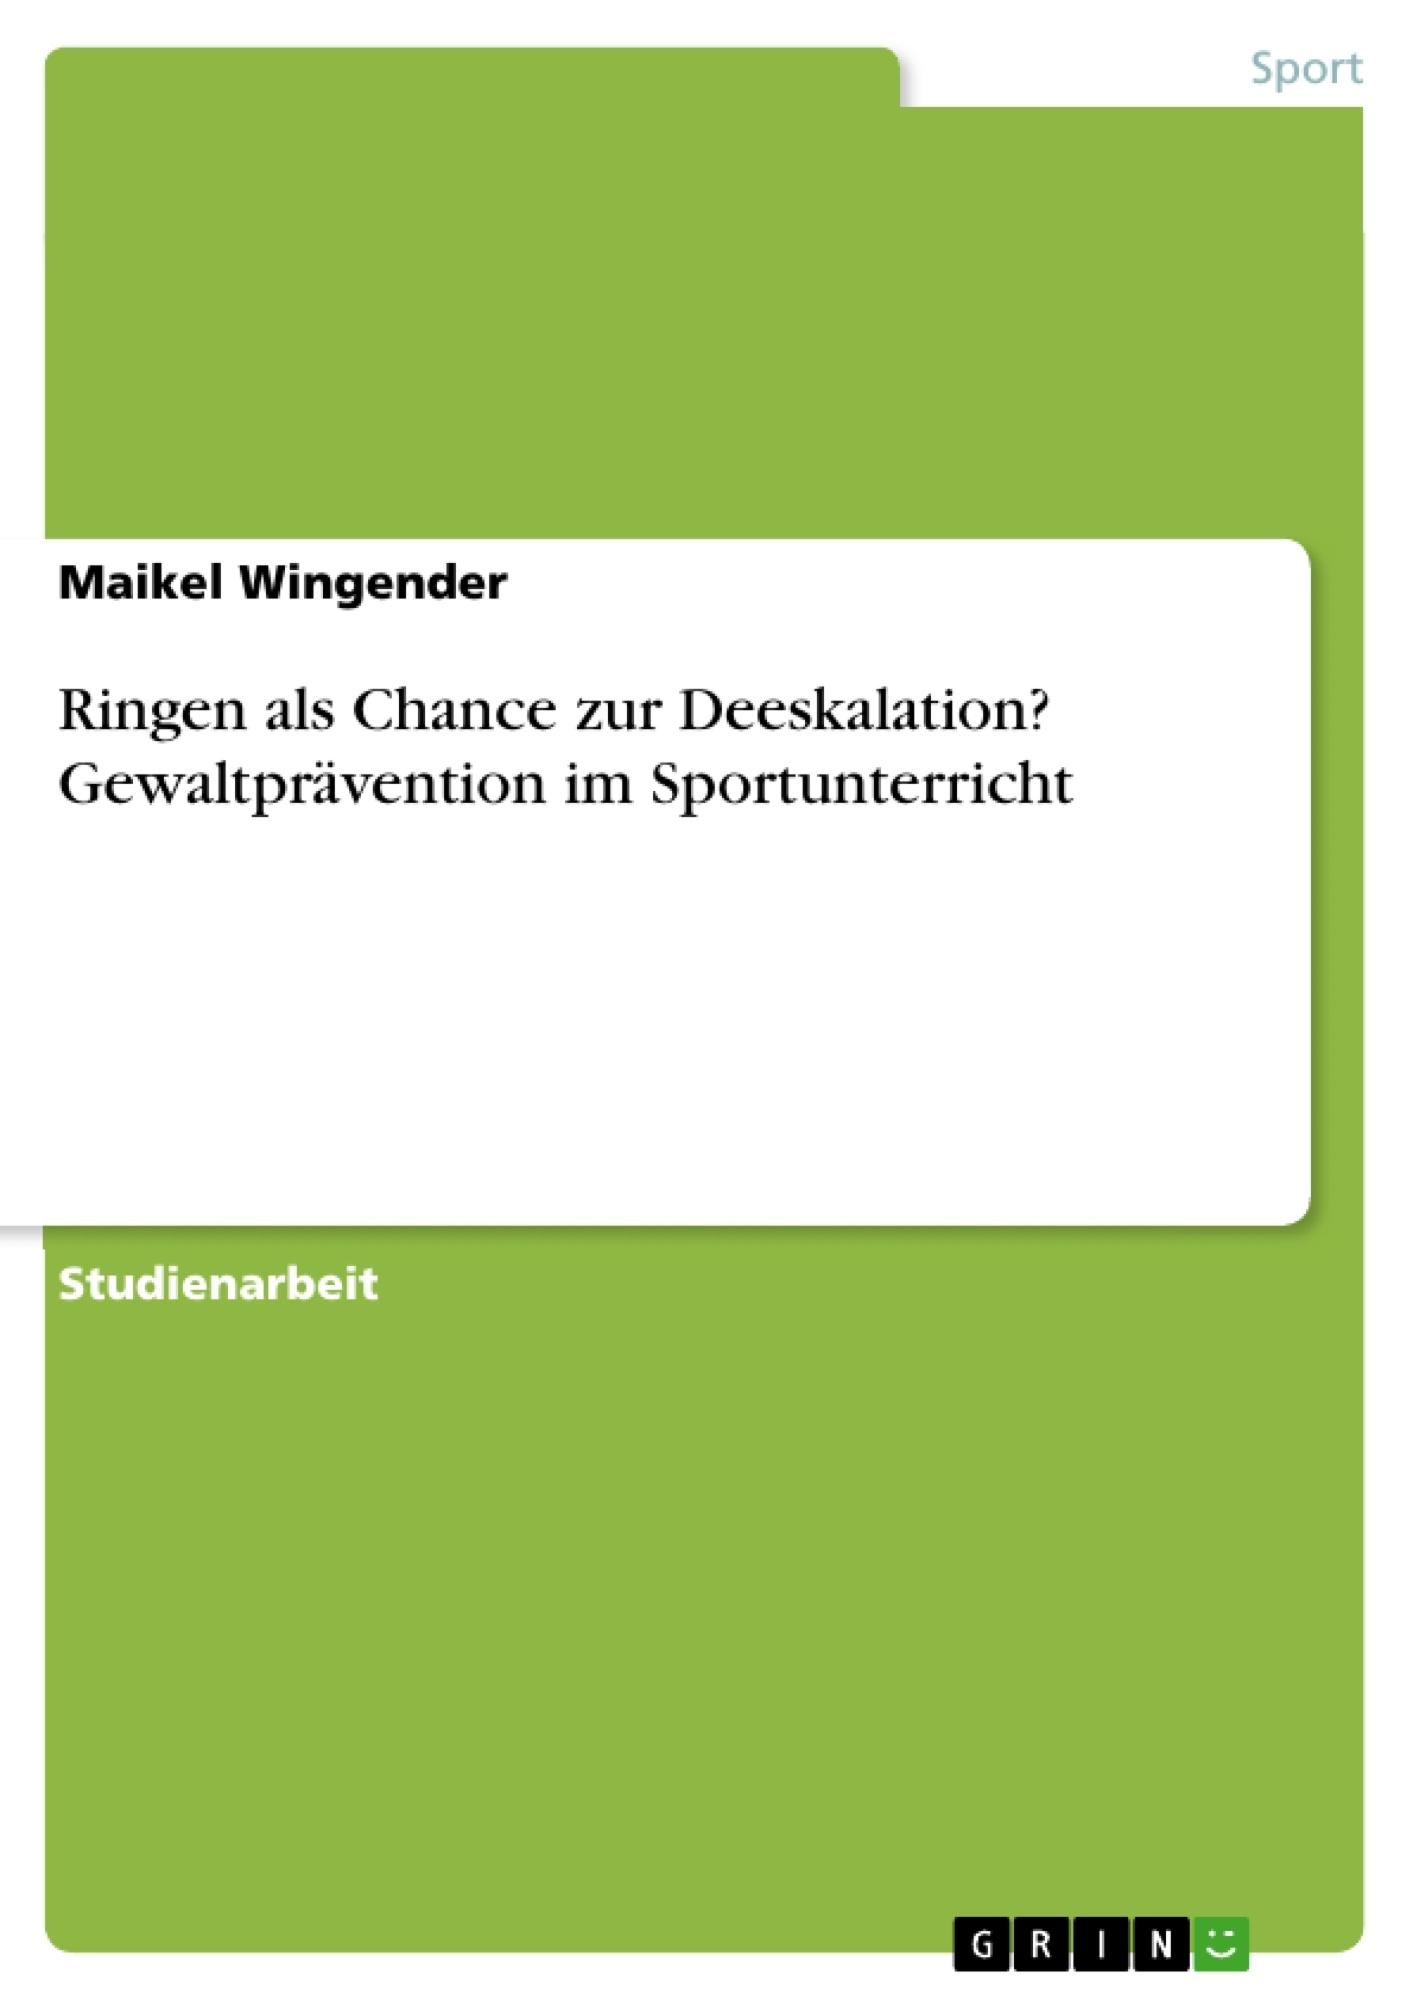 Titel: Ringen als Chance zur Deeskalation? Gewaltprävention im Sportunterricht